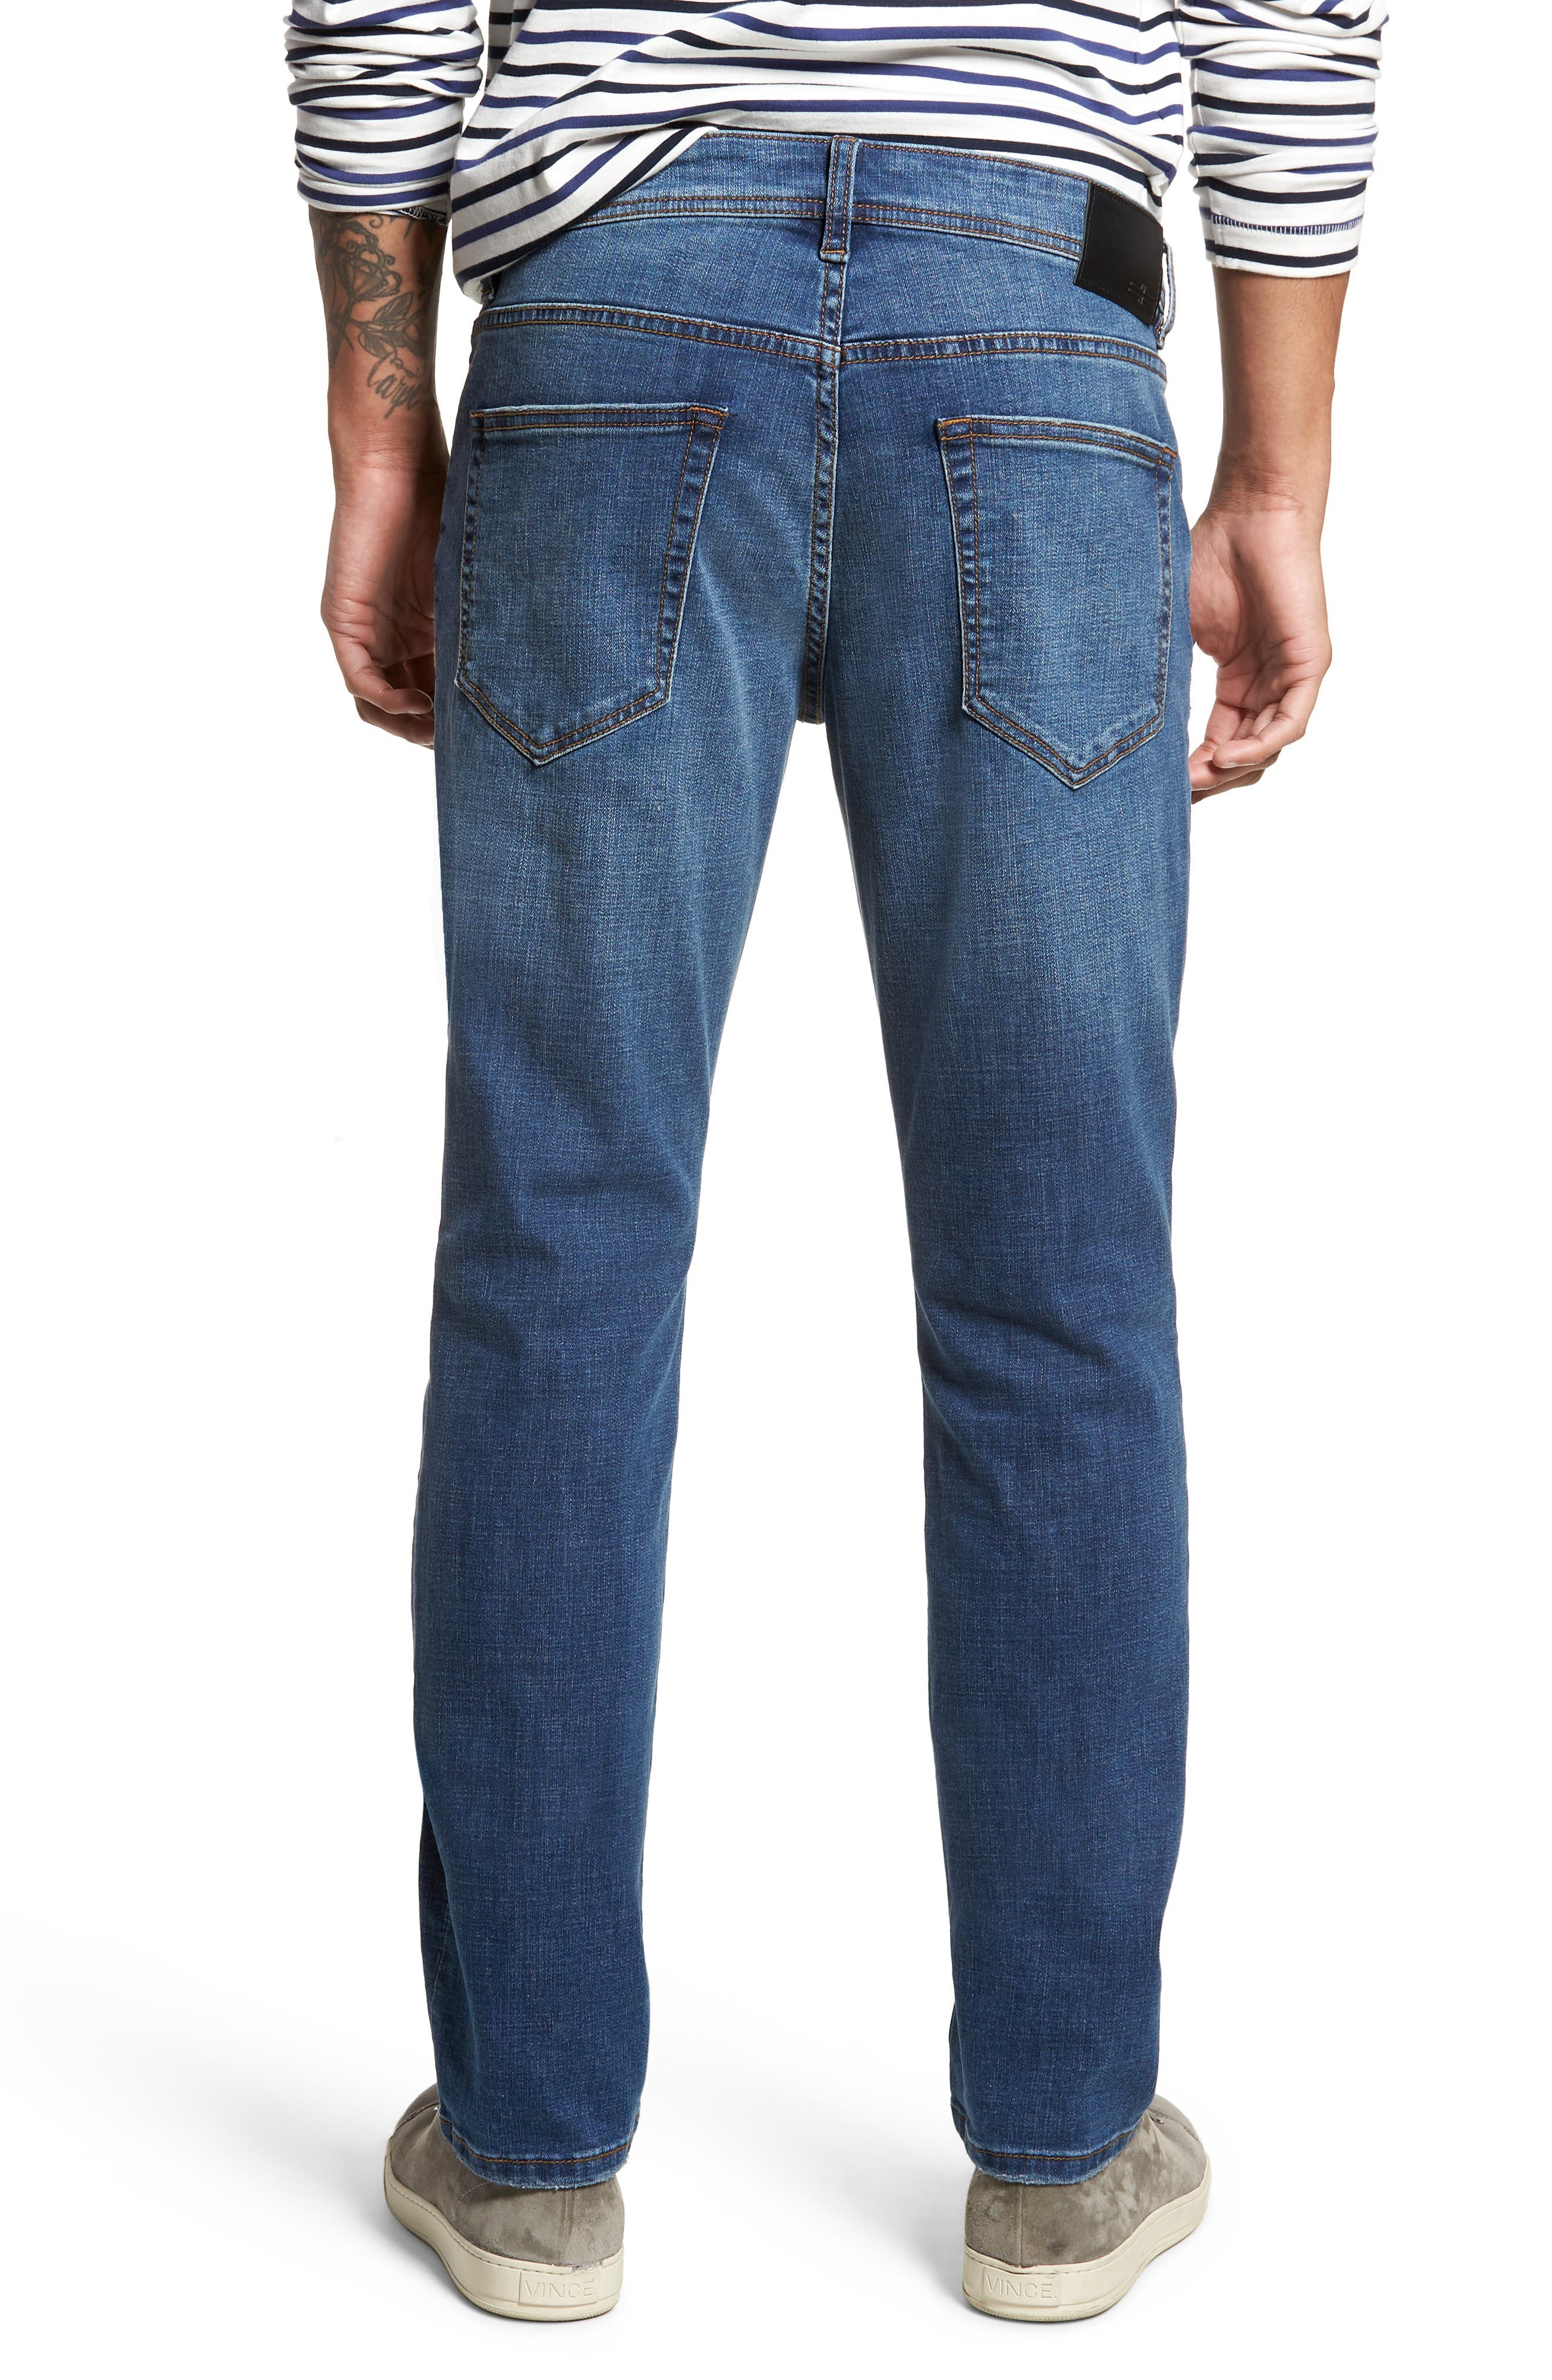 Jeans Co. Kingston Slim Straight Leg Jeans,                             Alternate thumbnail 2, color,                             HIGHLANDER MID